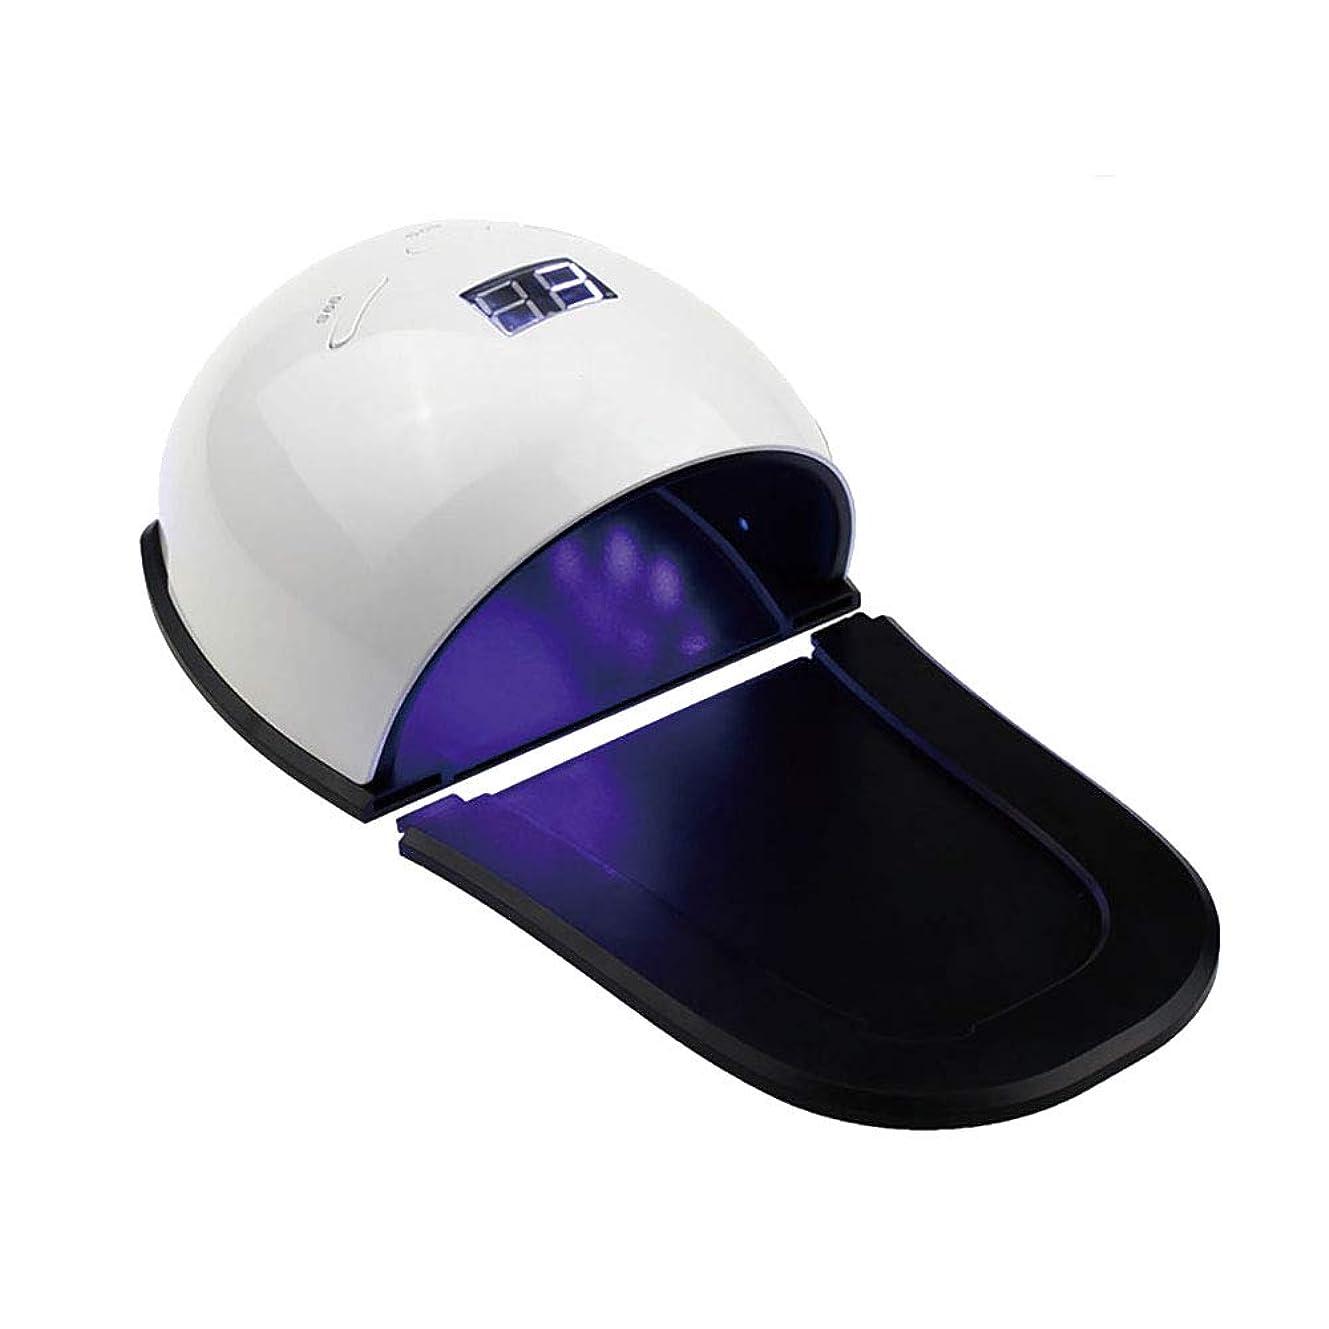 マイク提出するブーム釘のドライヤー - 自動赤外線センサー、二重光源のLEDランプのゲルのドライヤーのマニキュアが付いている紫外線携帯用LEDの釘ランプ